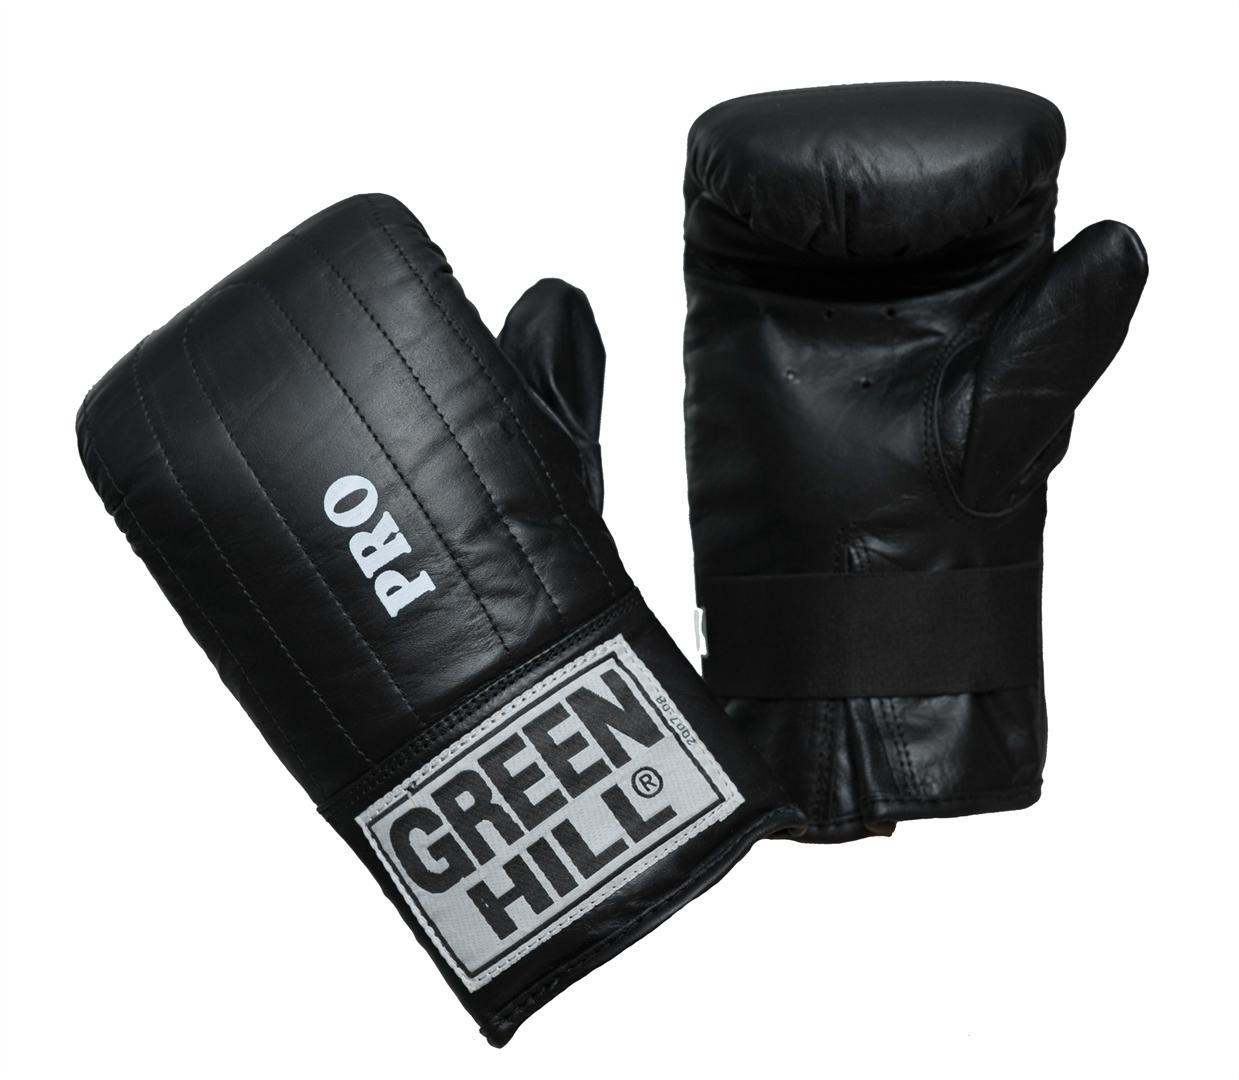 Перчатки снарядные Green Hill Pro, цвет: черный. Размер XL перчатки снарядные green hill pro цвет черный размер xl